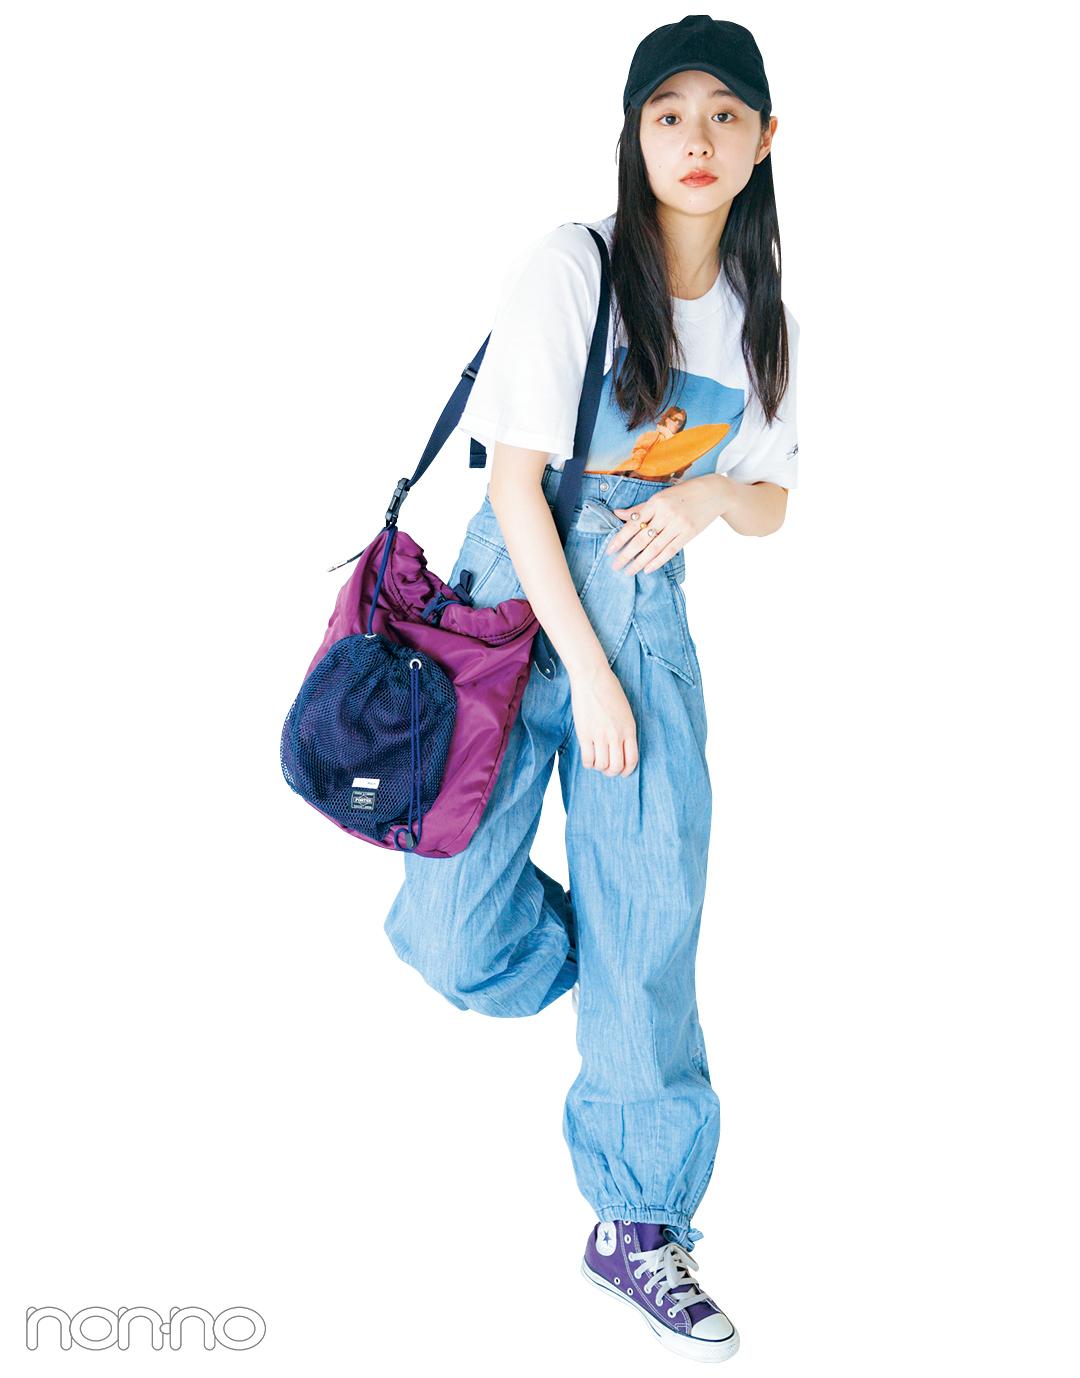 話題の#ほったさんの私服、見せて! vol.2 【ノンノモデルの夏私服:堀田真由】_1_2